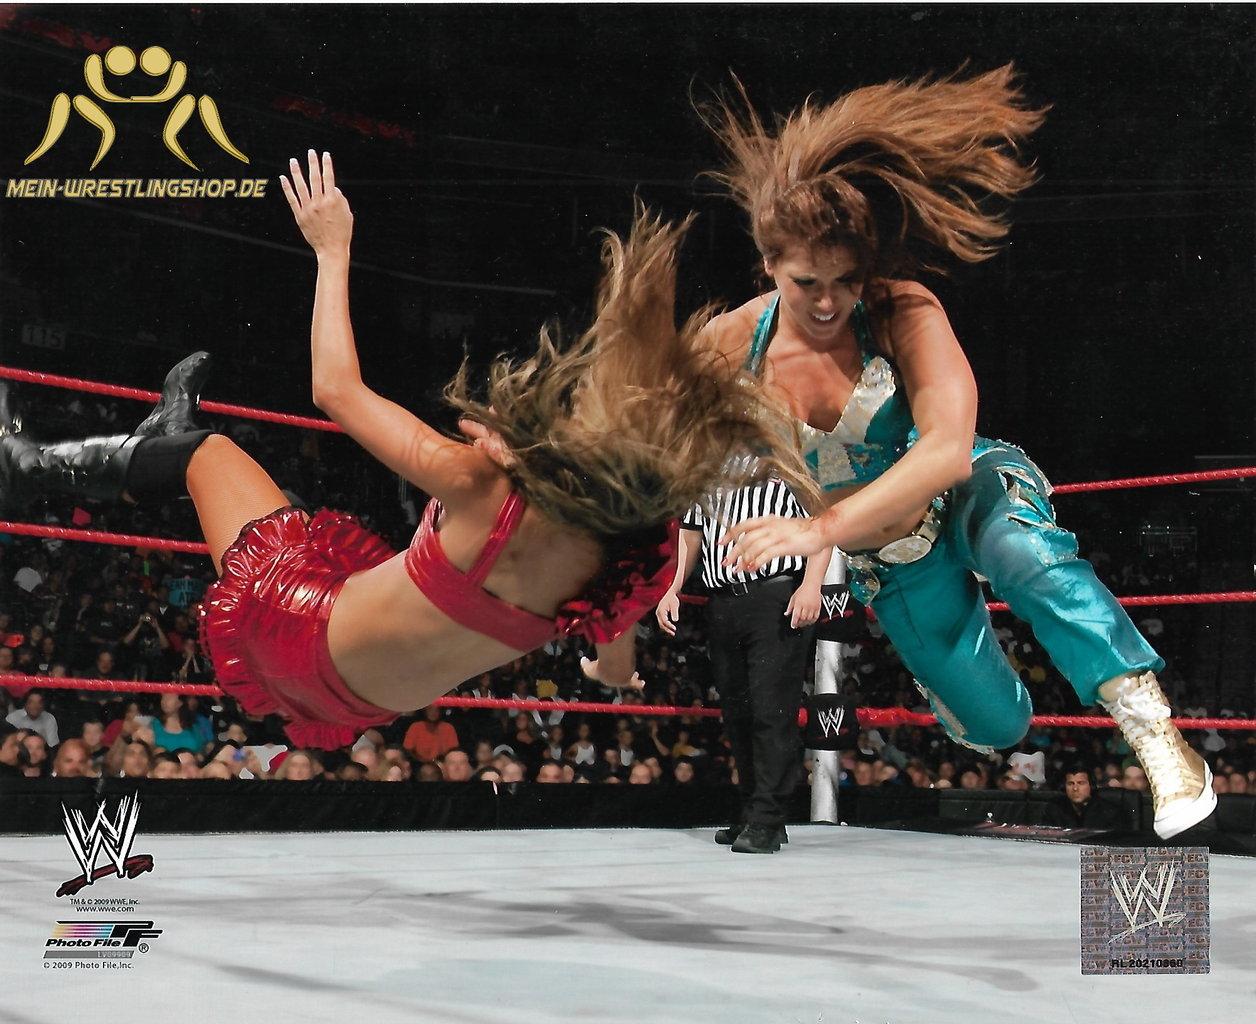 Frauen wwe Asuka (wrestler)